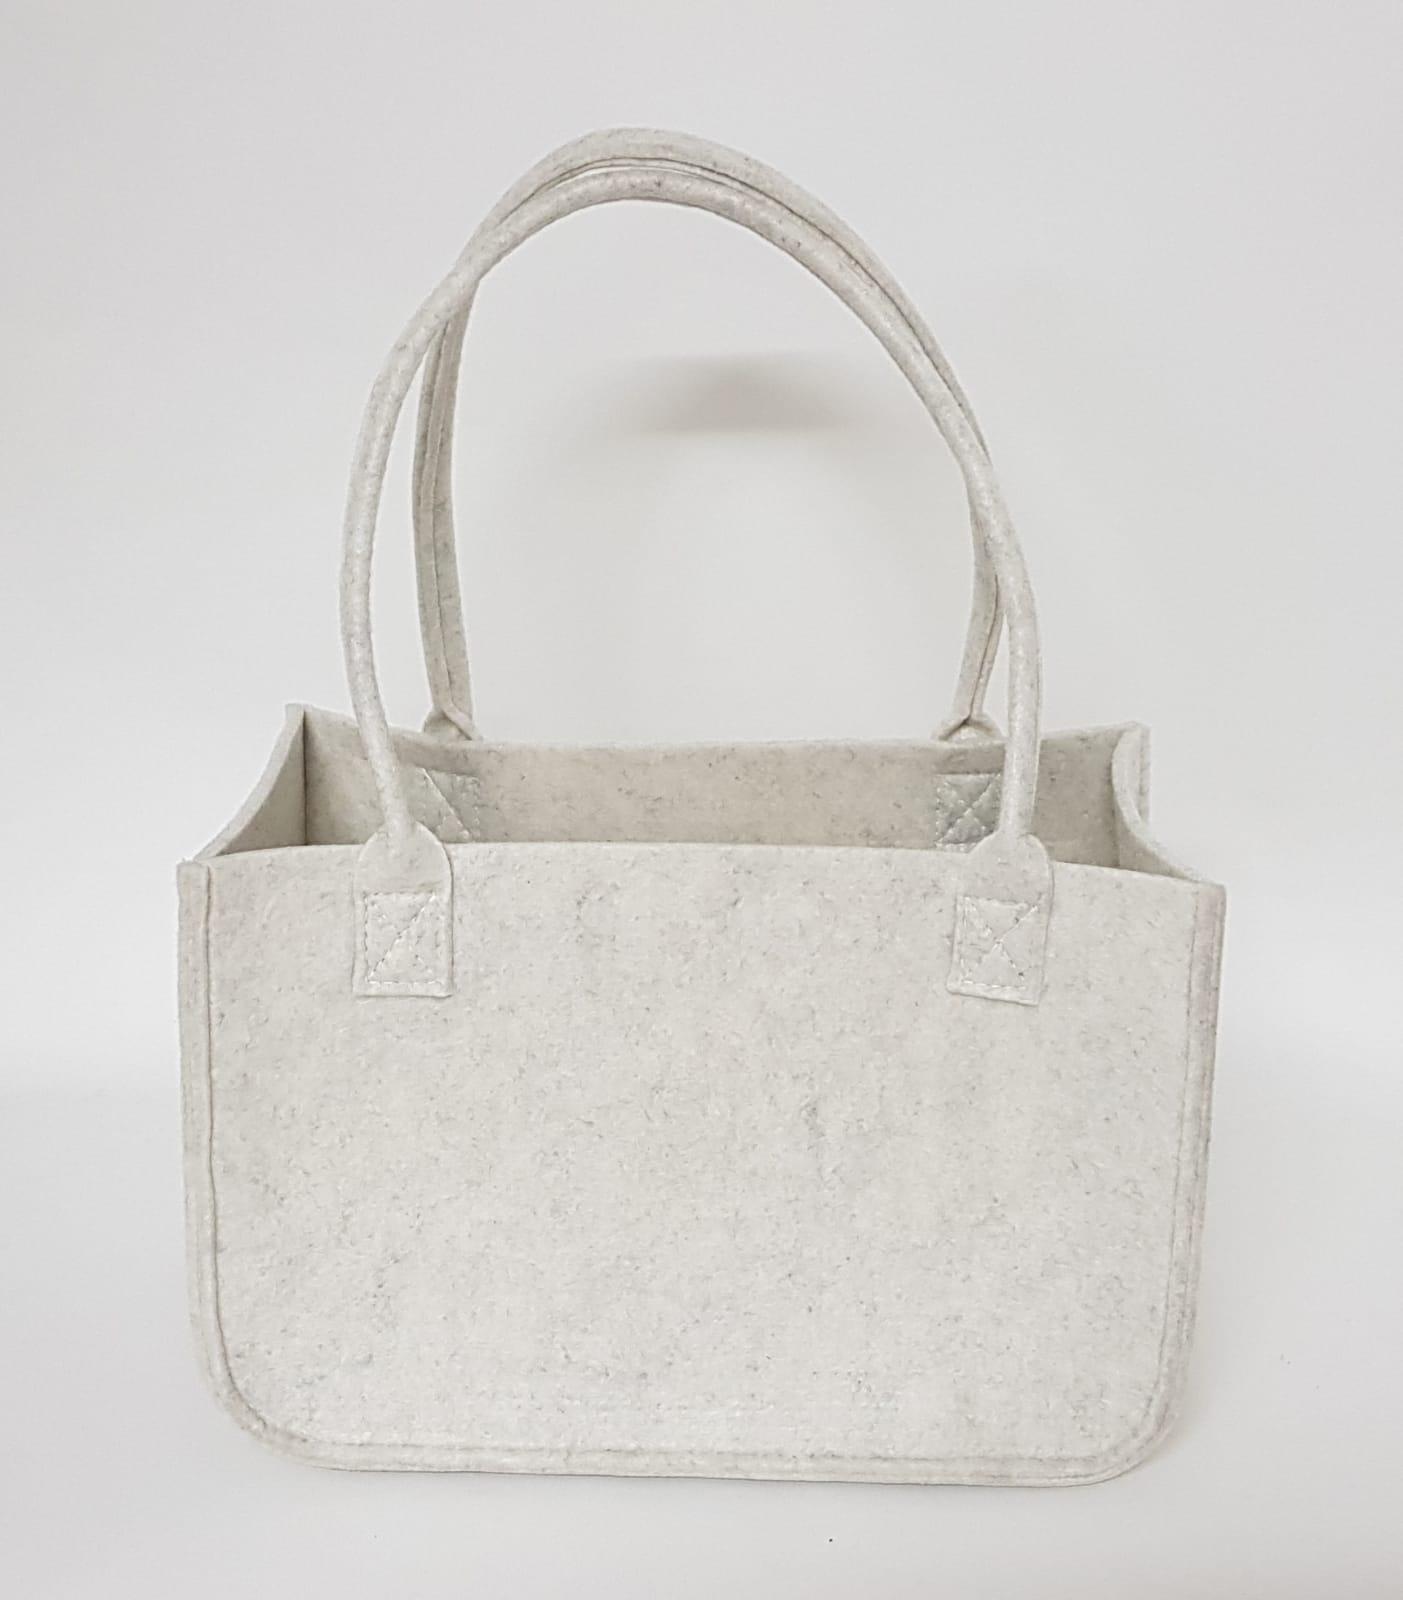 weiße Tasche aus Filz - Handgemachte individualisierbare Taschen, Körbe, Tischsets, Dekoartikel und mehr auf fideko.de der Onlineshop seit 2011